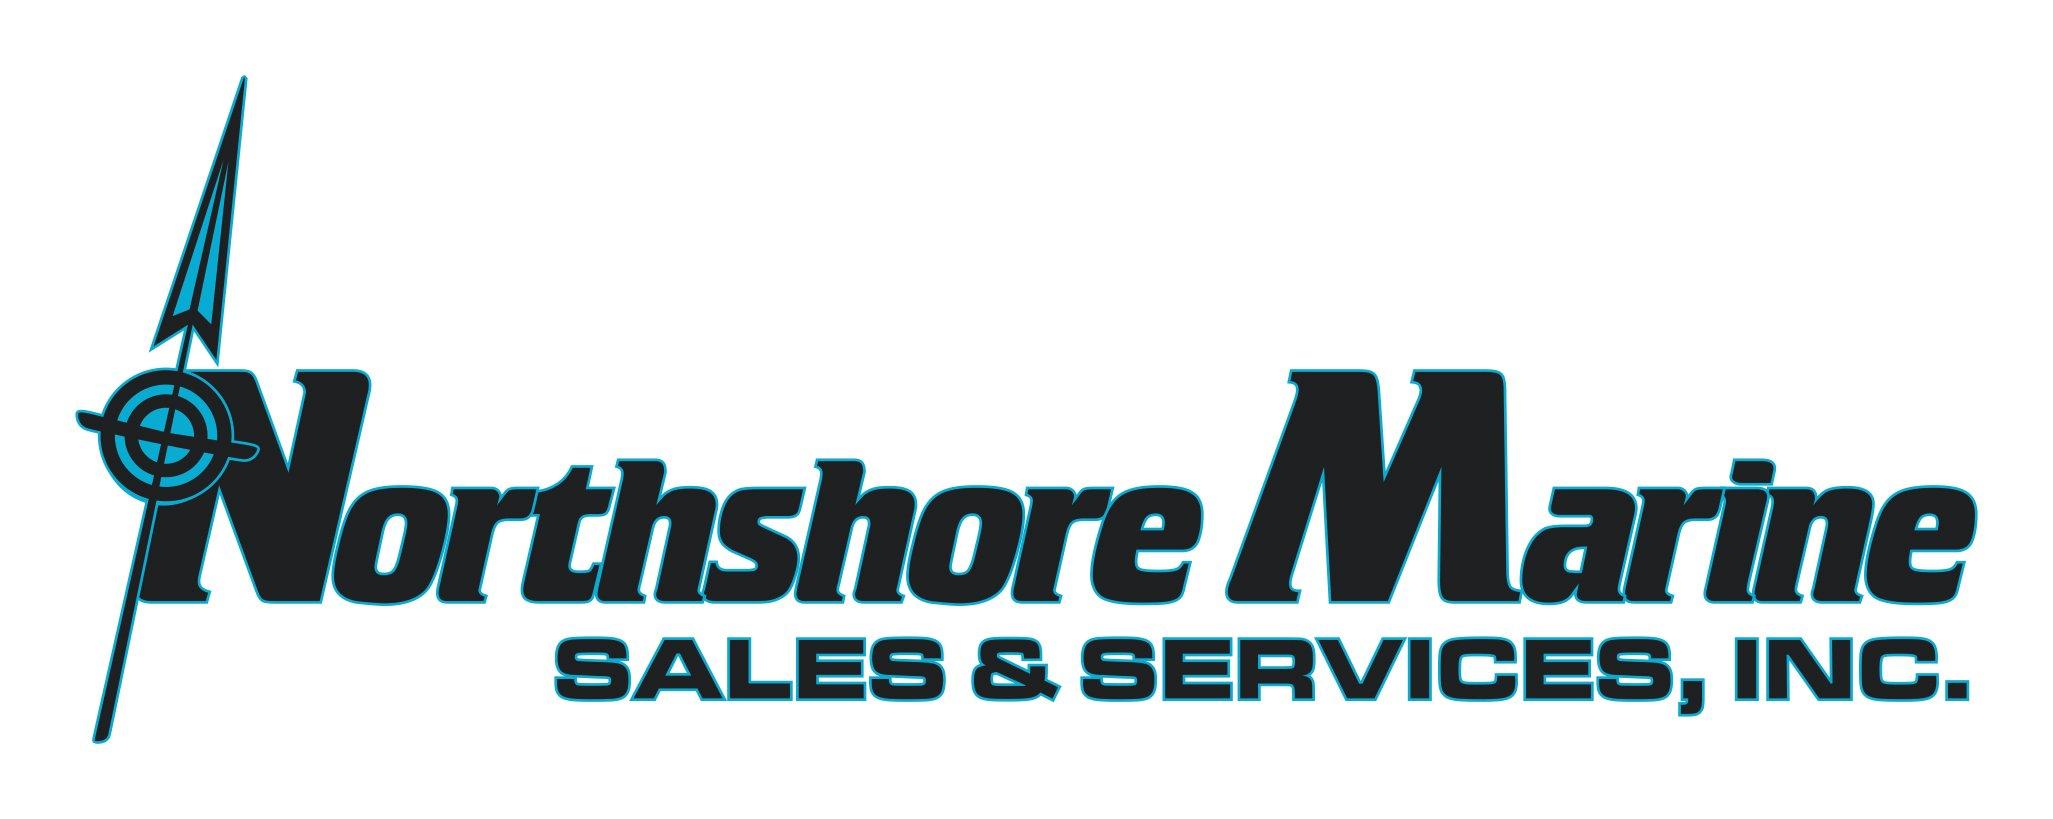 Northshore Marine Sales & Service Inc.